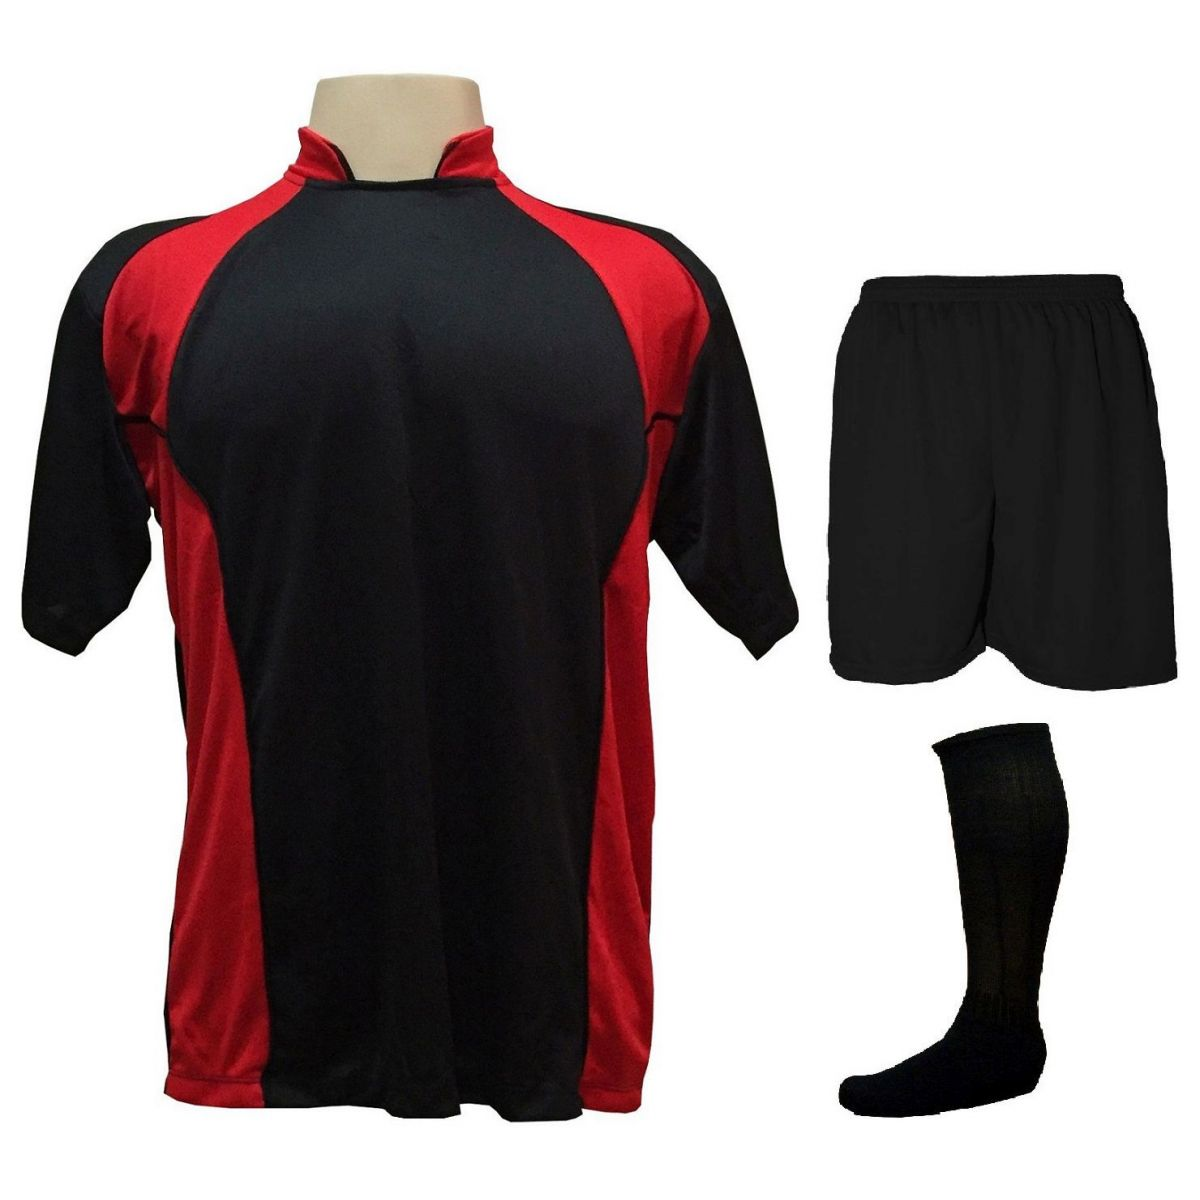 Uniforme Esportivo com 14 camisas modelo Suécia Preto/Vermelho + 14 calções modelo Madrid Preto + 14 pares de meiões Preto